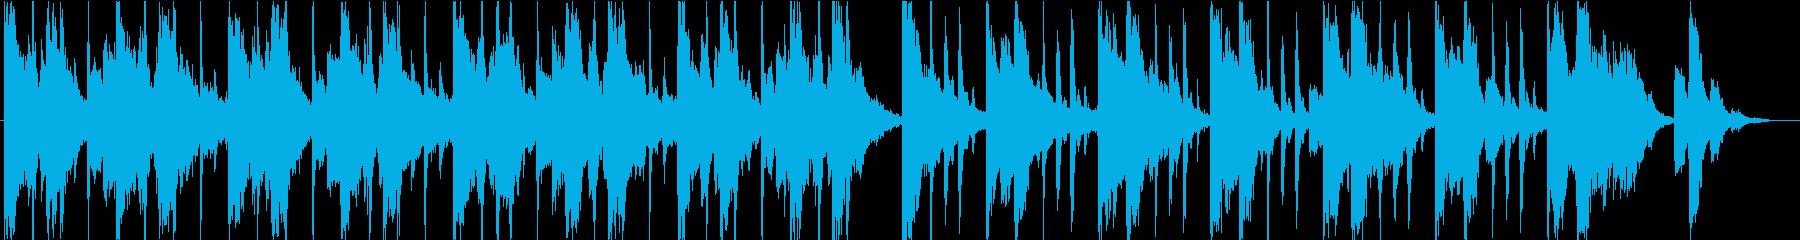 シティポップ/R&B_No460_4の再生済みの波形